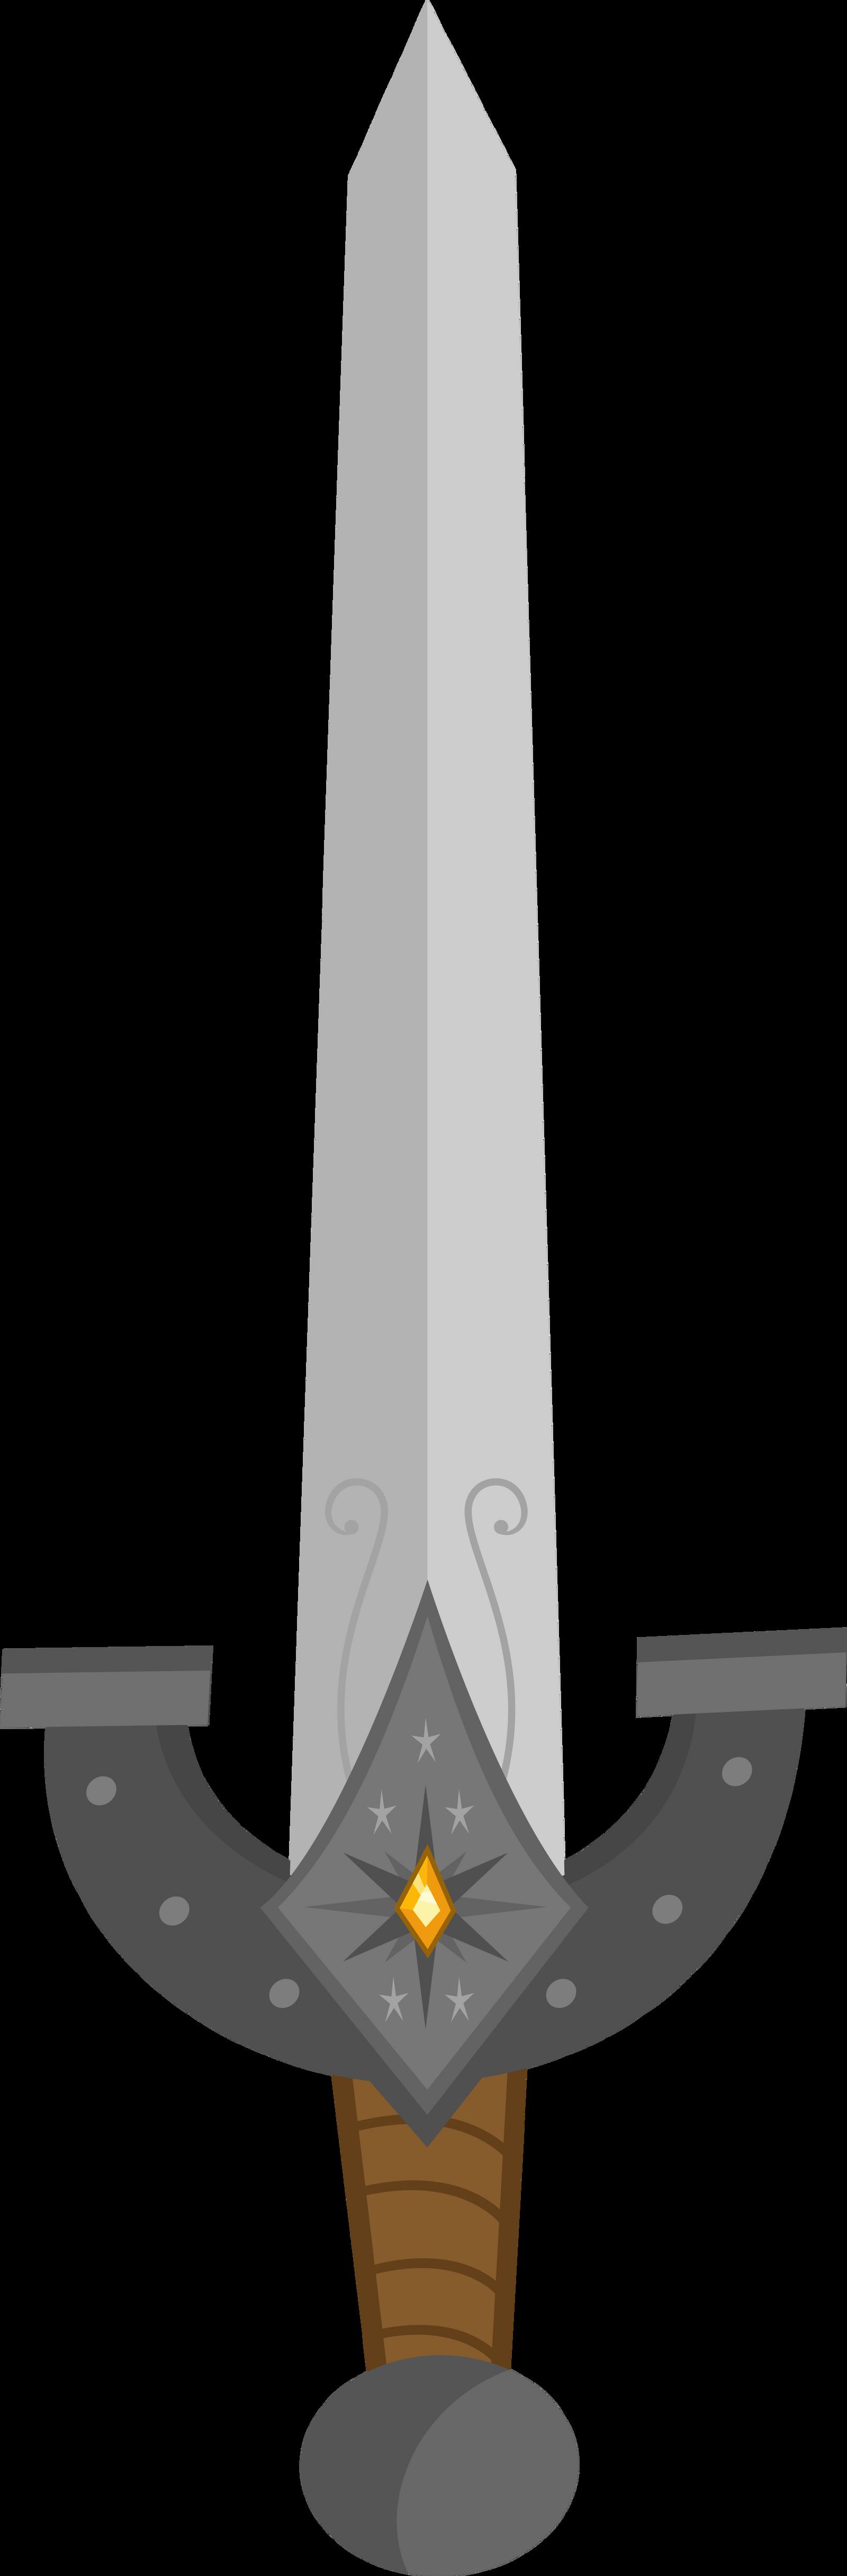 Resources - Weapons on MLP-VectorClub - DeviantArt